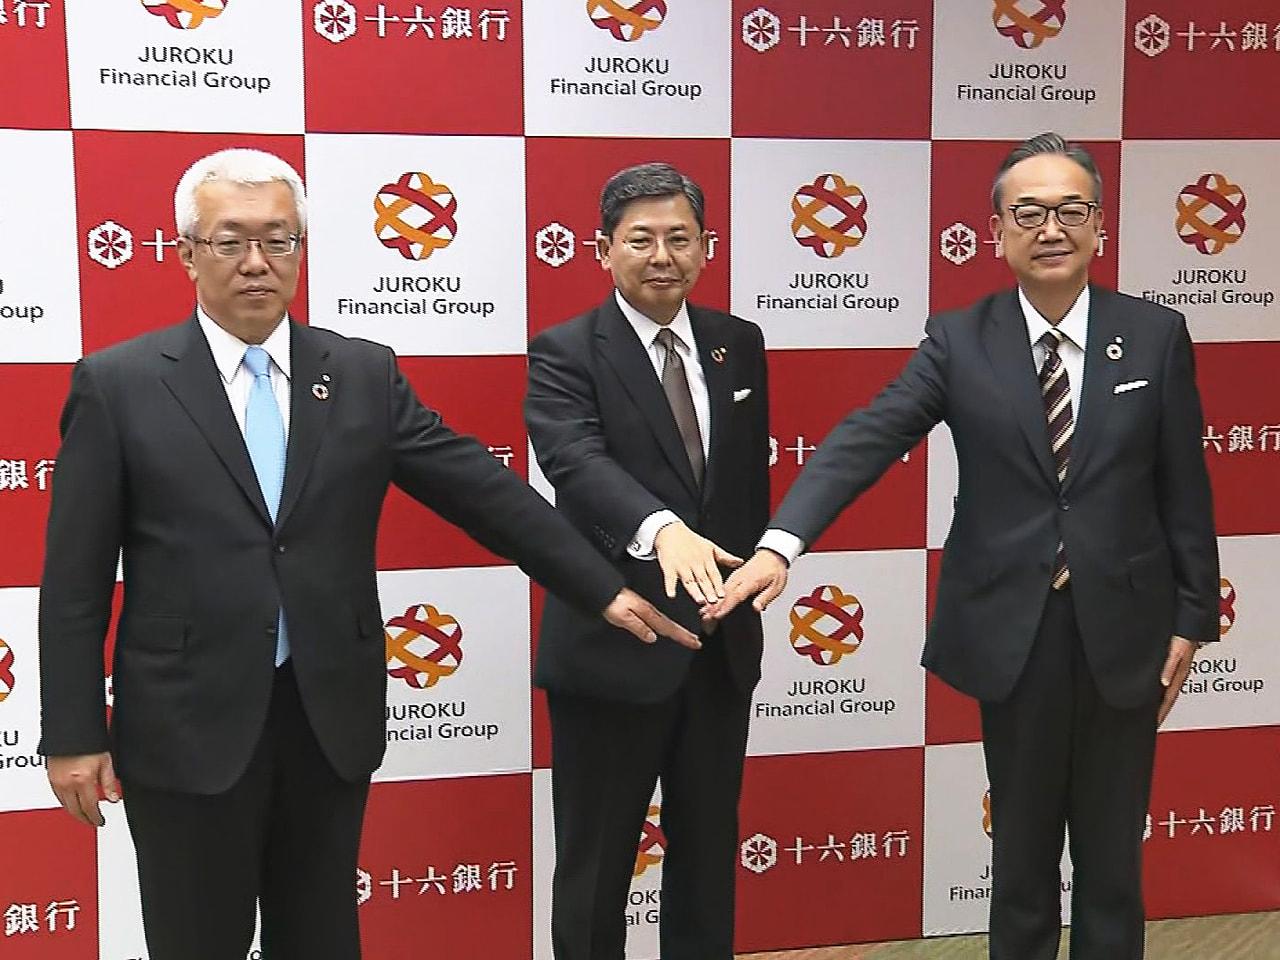 十六銀行は13日、10月に移行予定の持ち株会社「十六フィナンシャルグループ」の会...